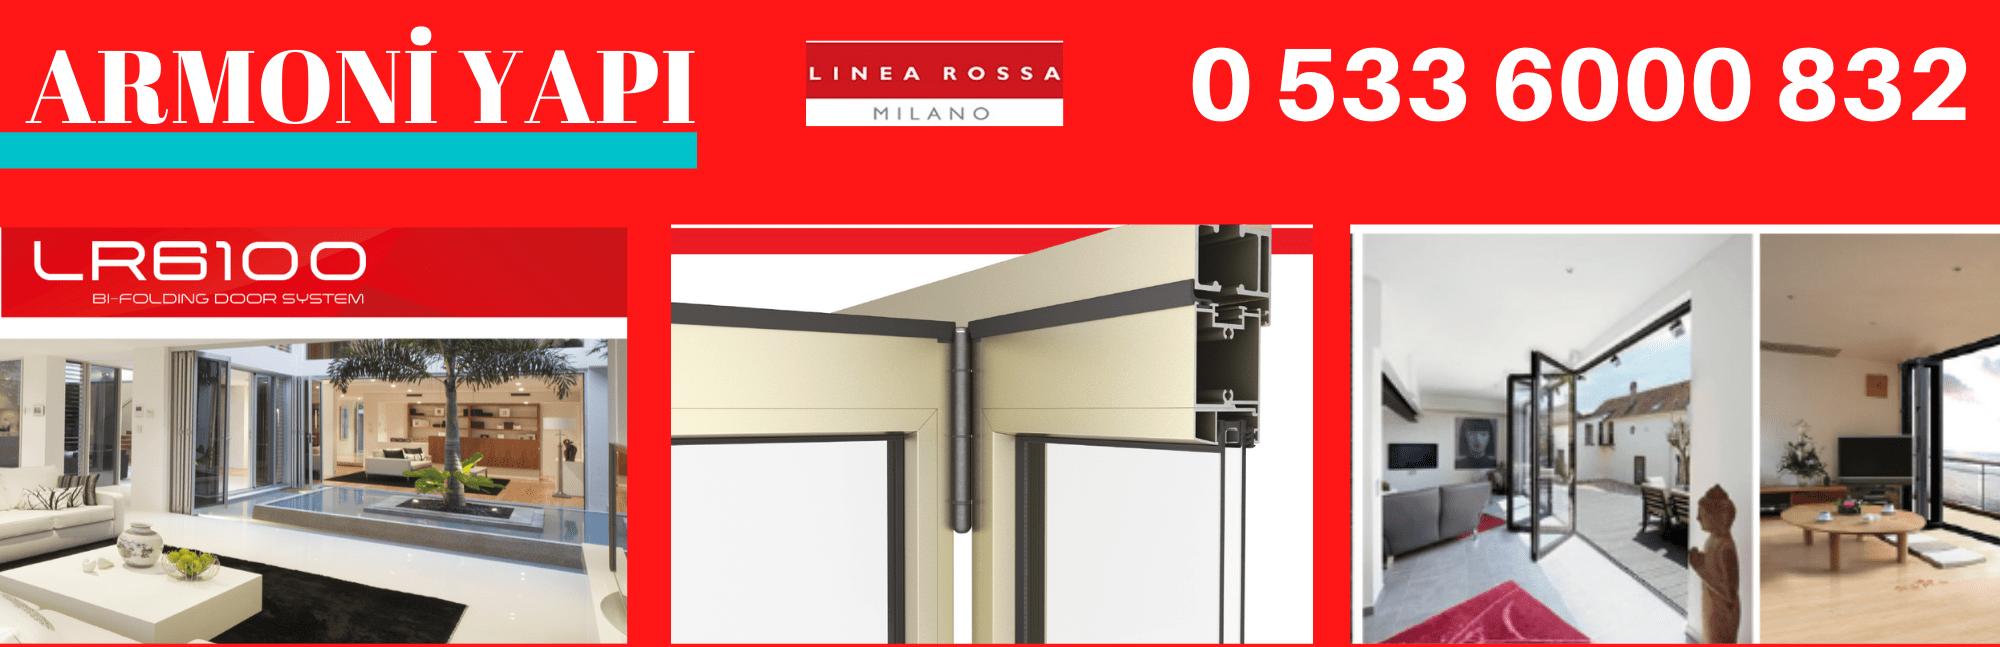 Linea Rossa LR-6100 katlanır kapı sistemleri